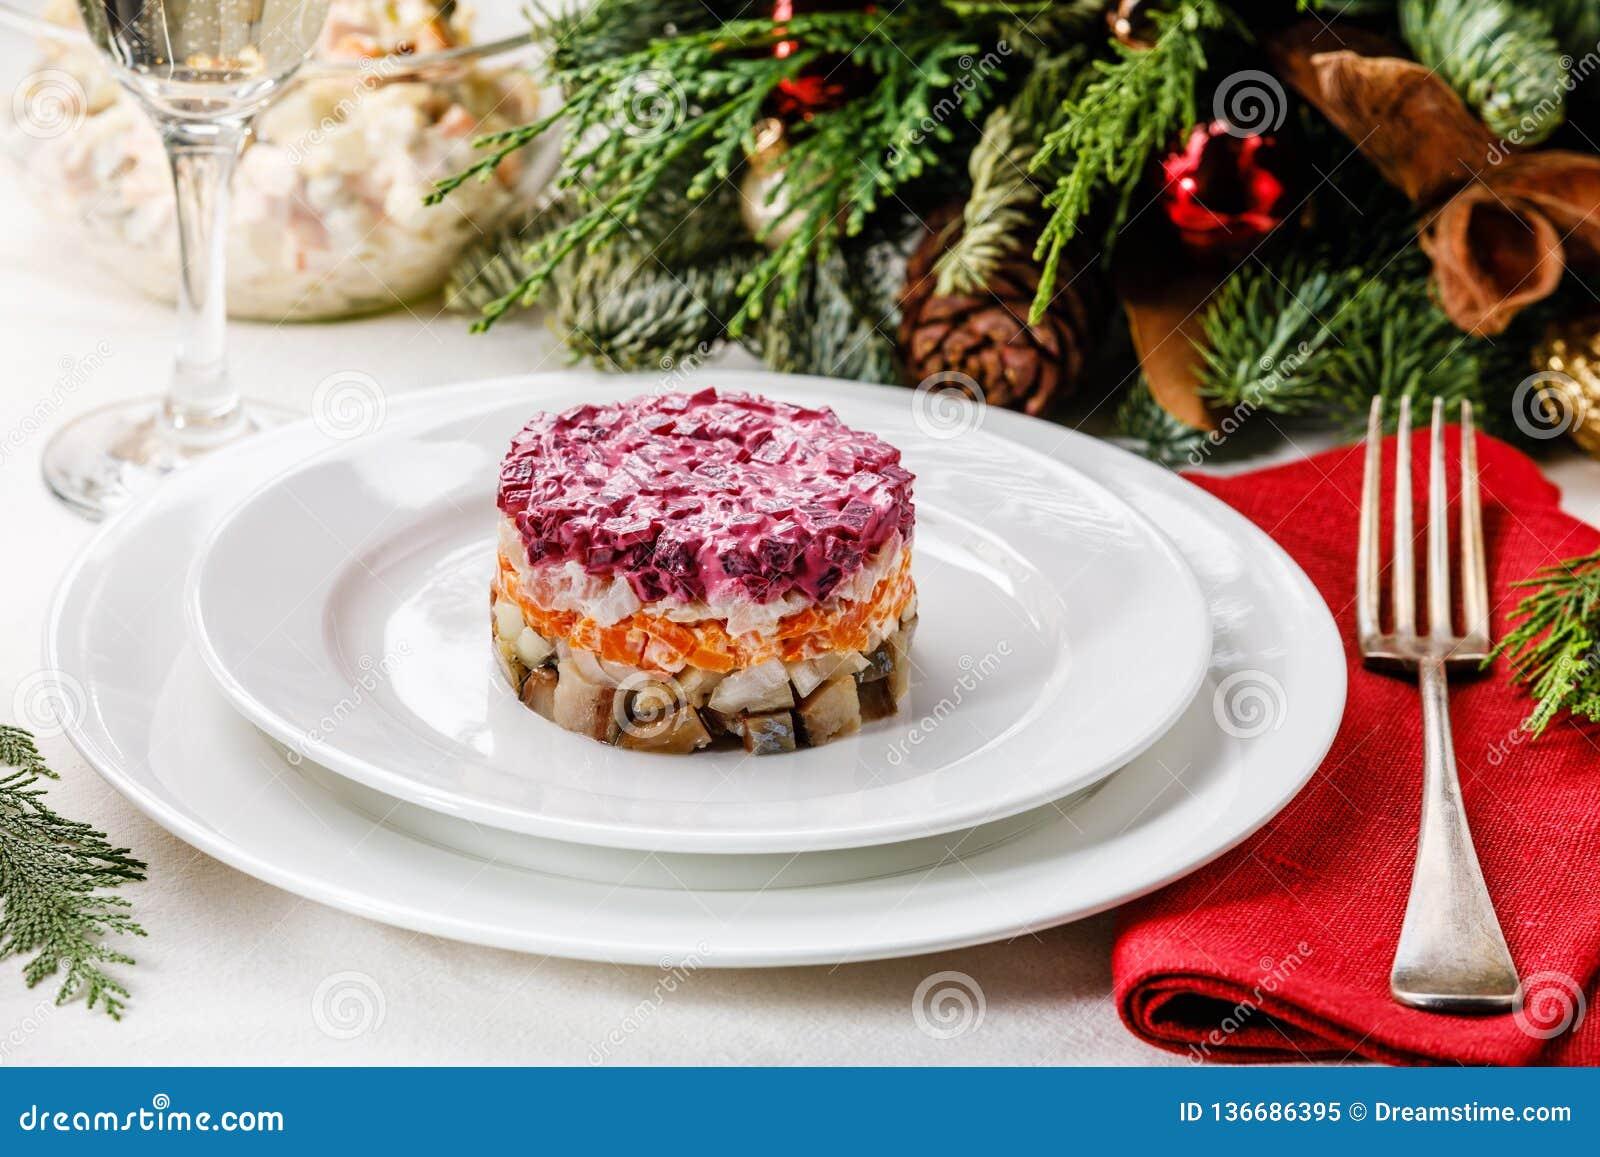 俄国假日分层了堆积沙拉用鲱鱼、甜菜、红萝卜、葱、土豆和鸡蛋